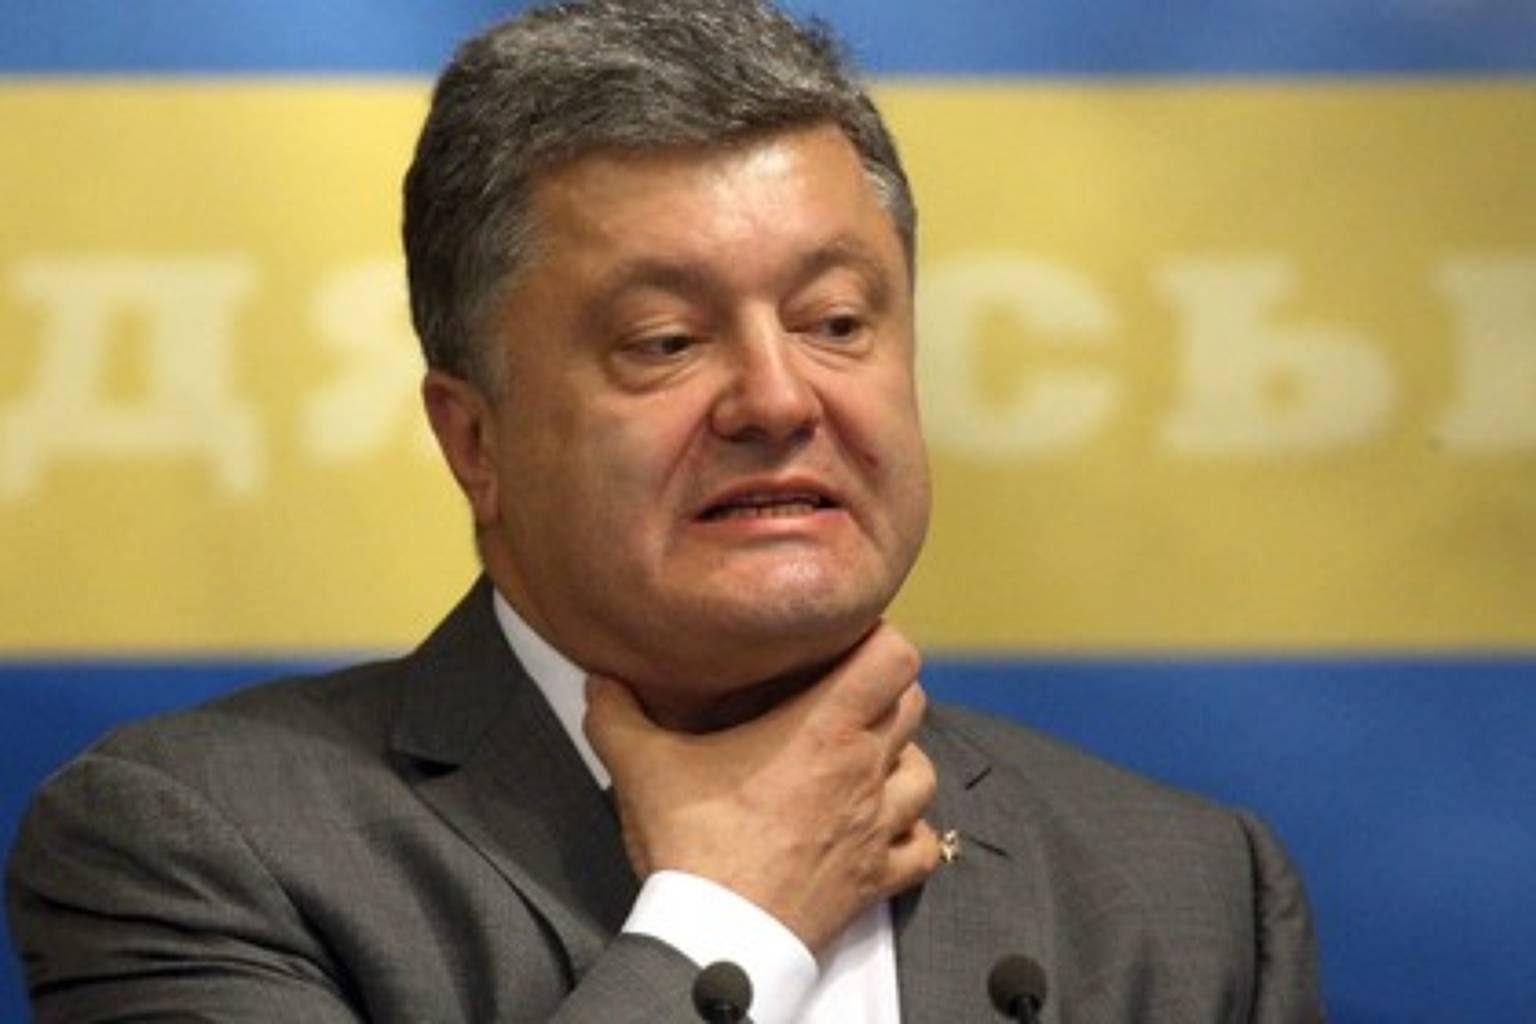 Оце так новина: Порошенко звільнив скандального чиновника, подробиці просто шокують